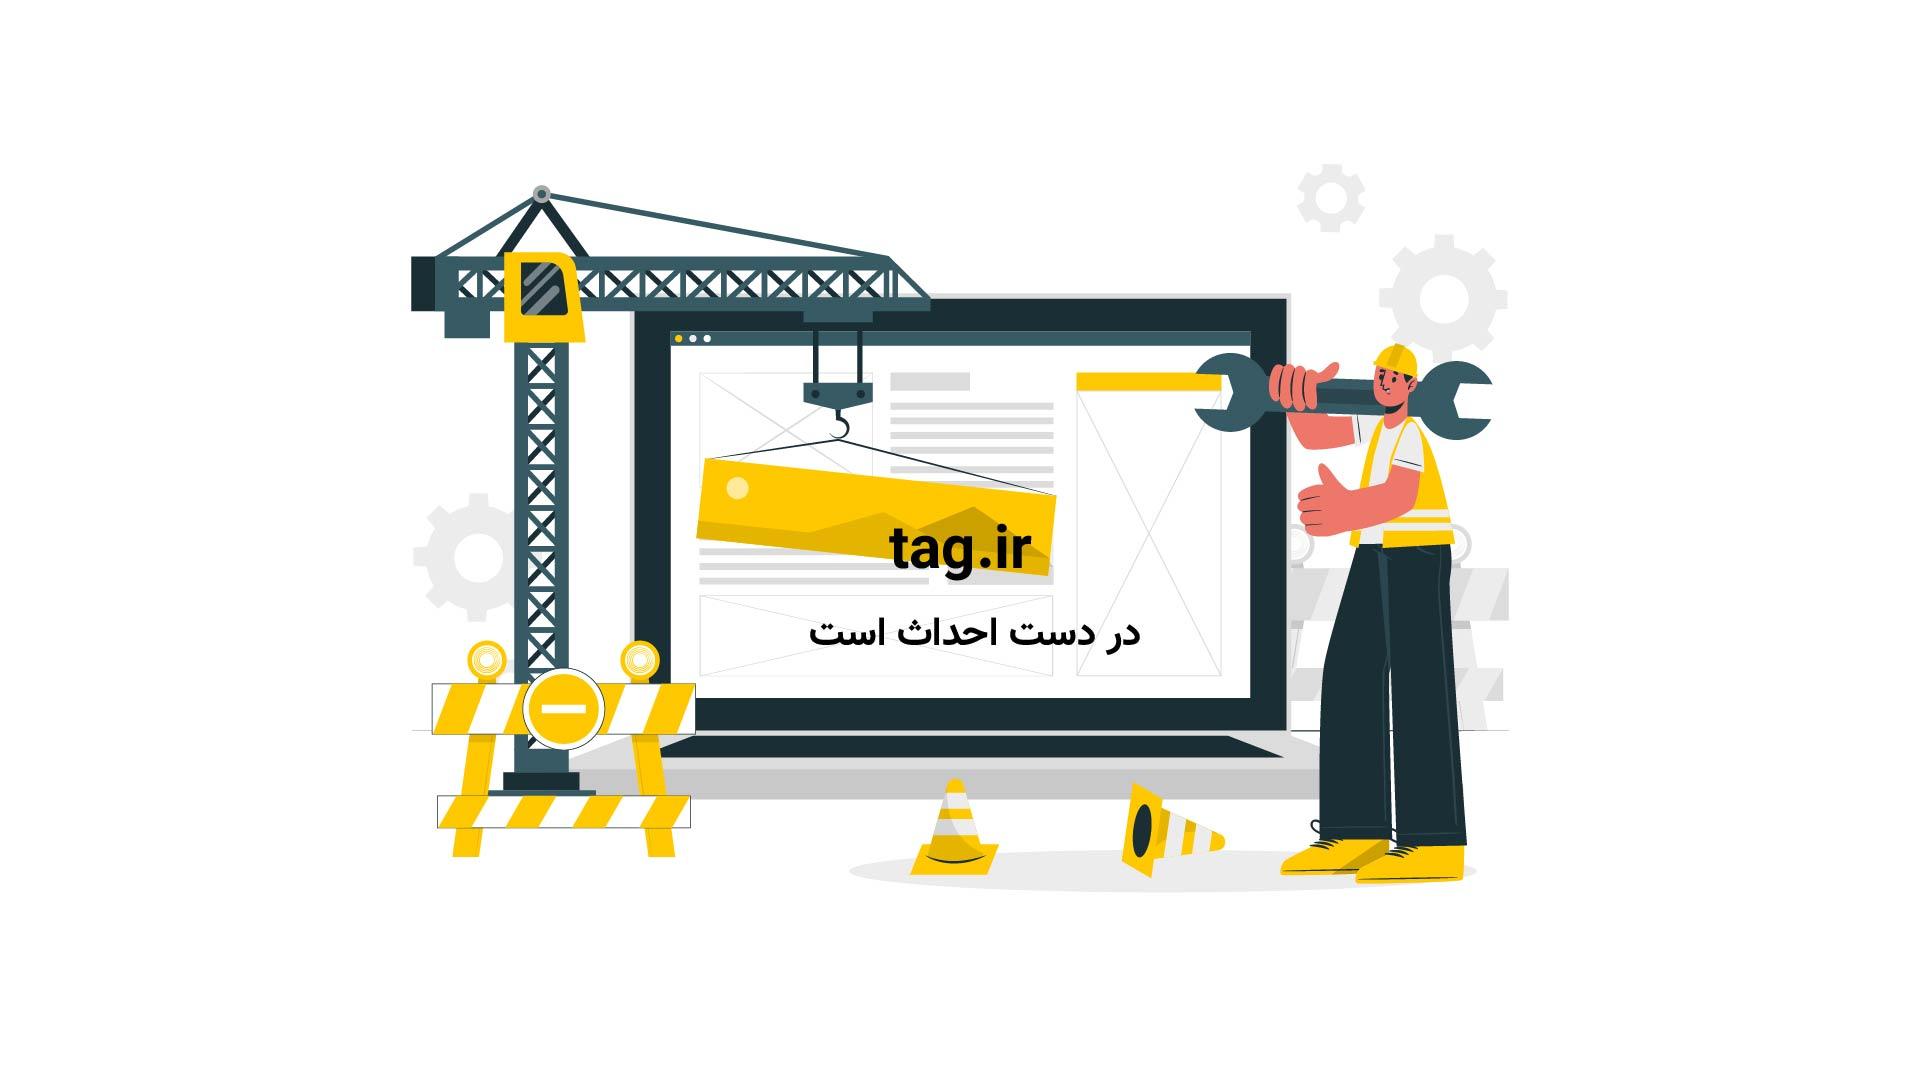 روبووَن ، تکنولوژی جدید برای تحویل کالا | فیلم